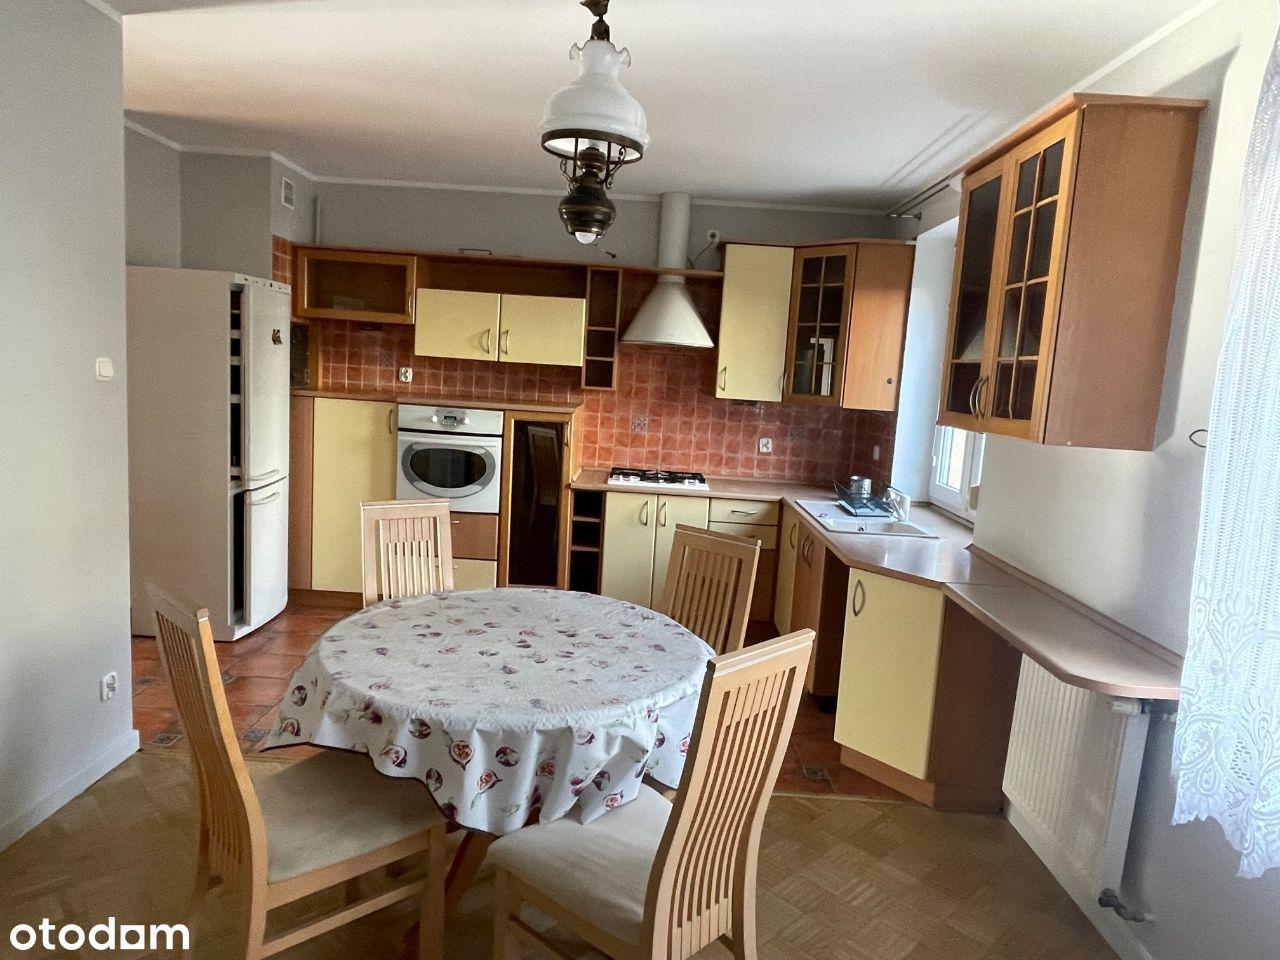 Mieszkanie 70 m2 na wynajem Bydgoszcz Kcyńska